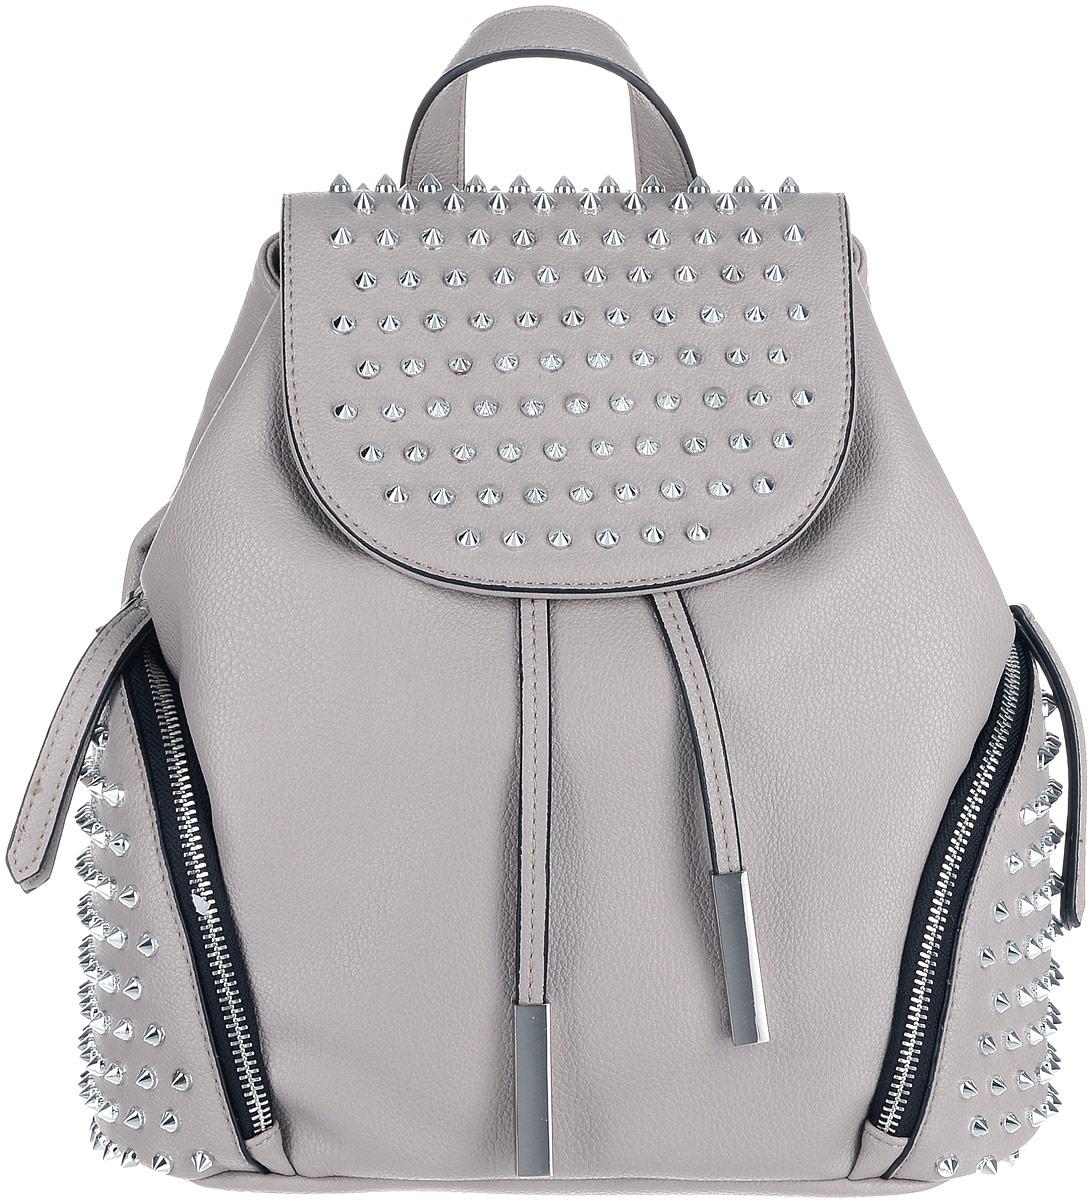 Экстравагантный женский рюкзак на затяжках и с крышкой-клапаном на магнитной кнопке, заставит обратить на себя внимание. Изделие имеет одно отделение, два боковых кармана на молнии. Внутри отделения находятся два накладных кармашка под сотовый телефон или для мелочей и один прорезной карман на застежке-молнии. Оригинальный дизайн глам панк выражают металлические шипы на крышке-клапане и боковых карманах рюкзака. Рюкзак обладает удобной ручкой сверху для переноски и двумя регулируемыми плечевыми ремнями-лямками.